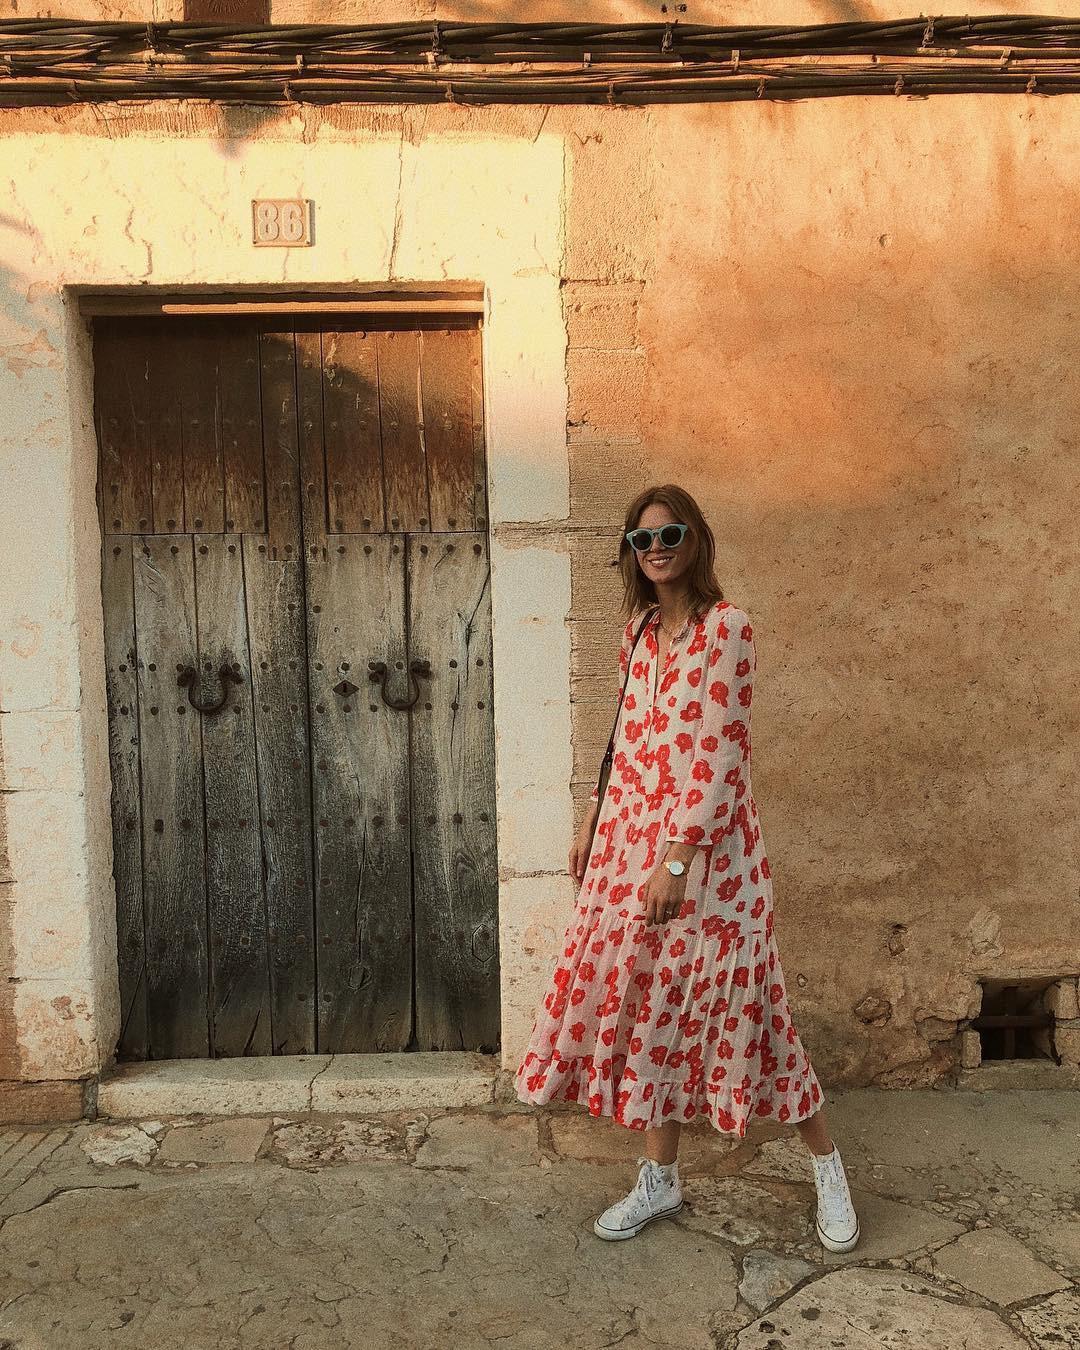 Bộ váy hoa giá cả chục triệu mà đụng hàng xuyên lục địa hết Pháp đến Ý rồi lại Tây Ban Nha - Ảnh 4.